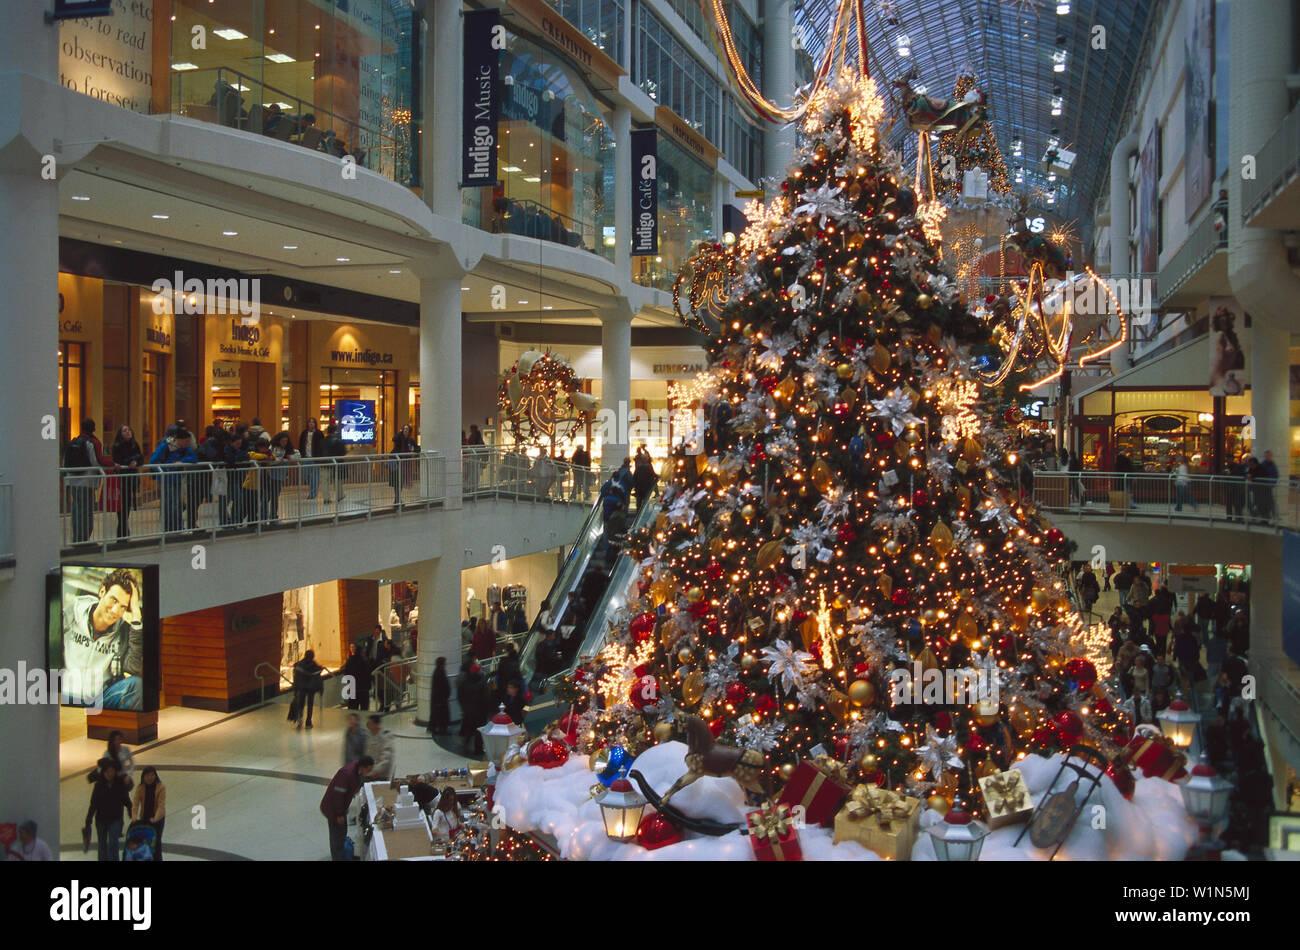 Christmas In Toronto Canada.Christmas Shopping Eaton Centre Toronto Canada Stock Photo